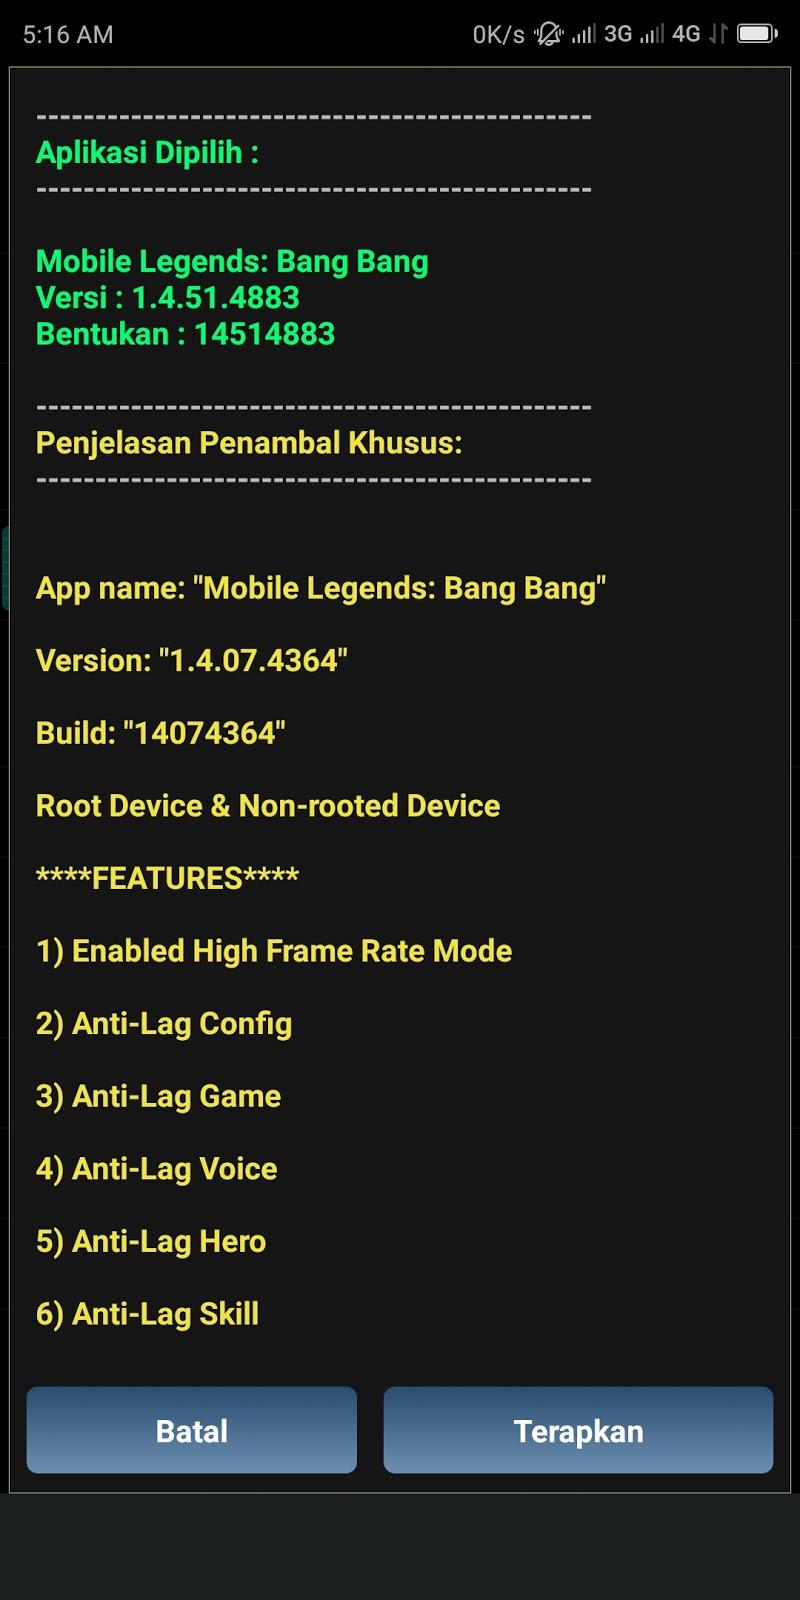 Cara Mengatasi Lag Mobile Legends Mode HFR